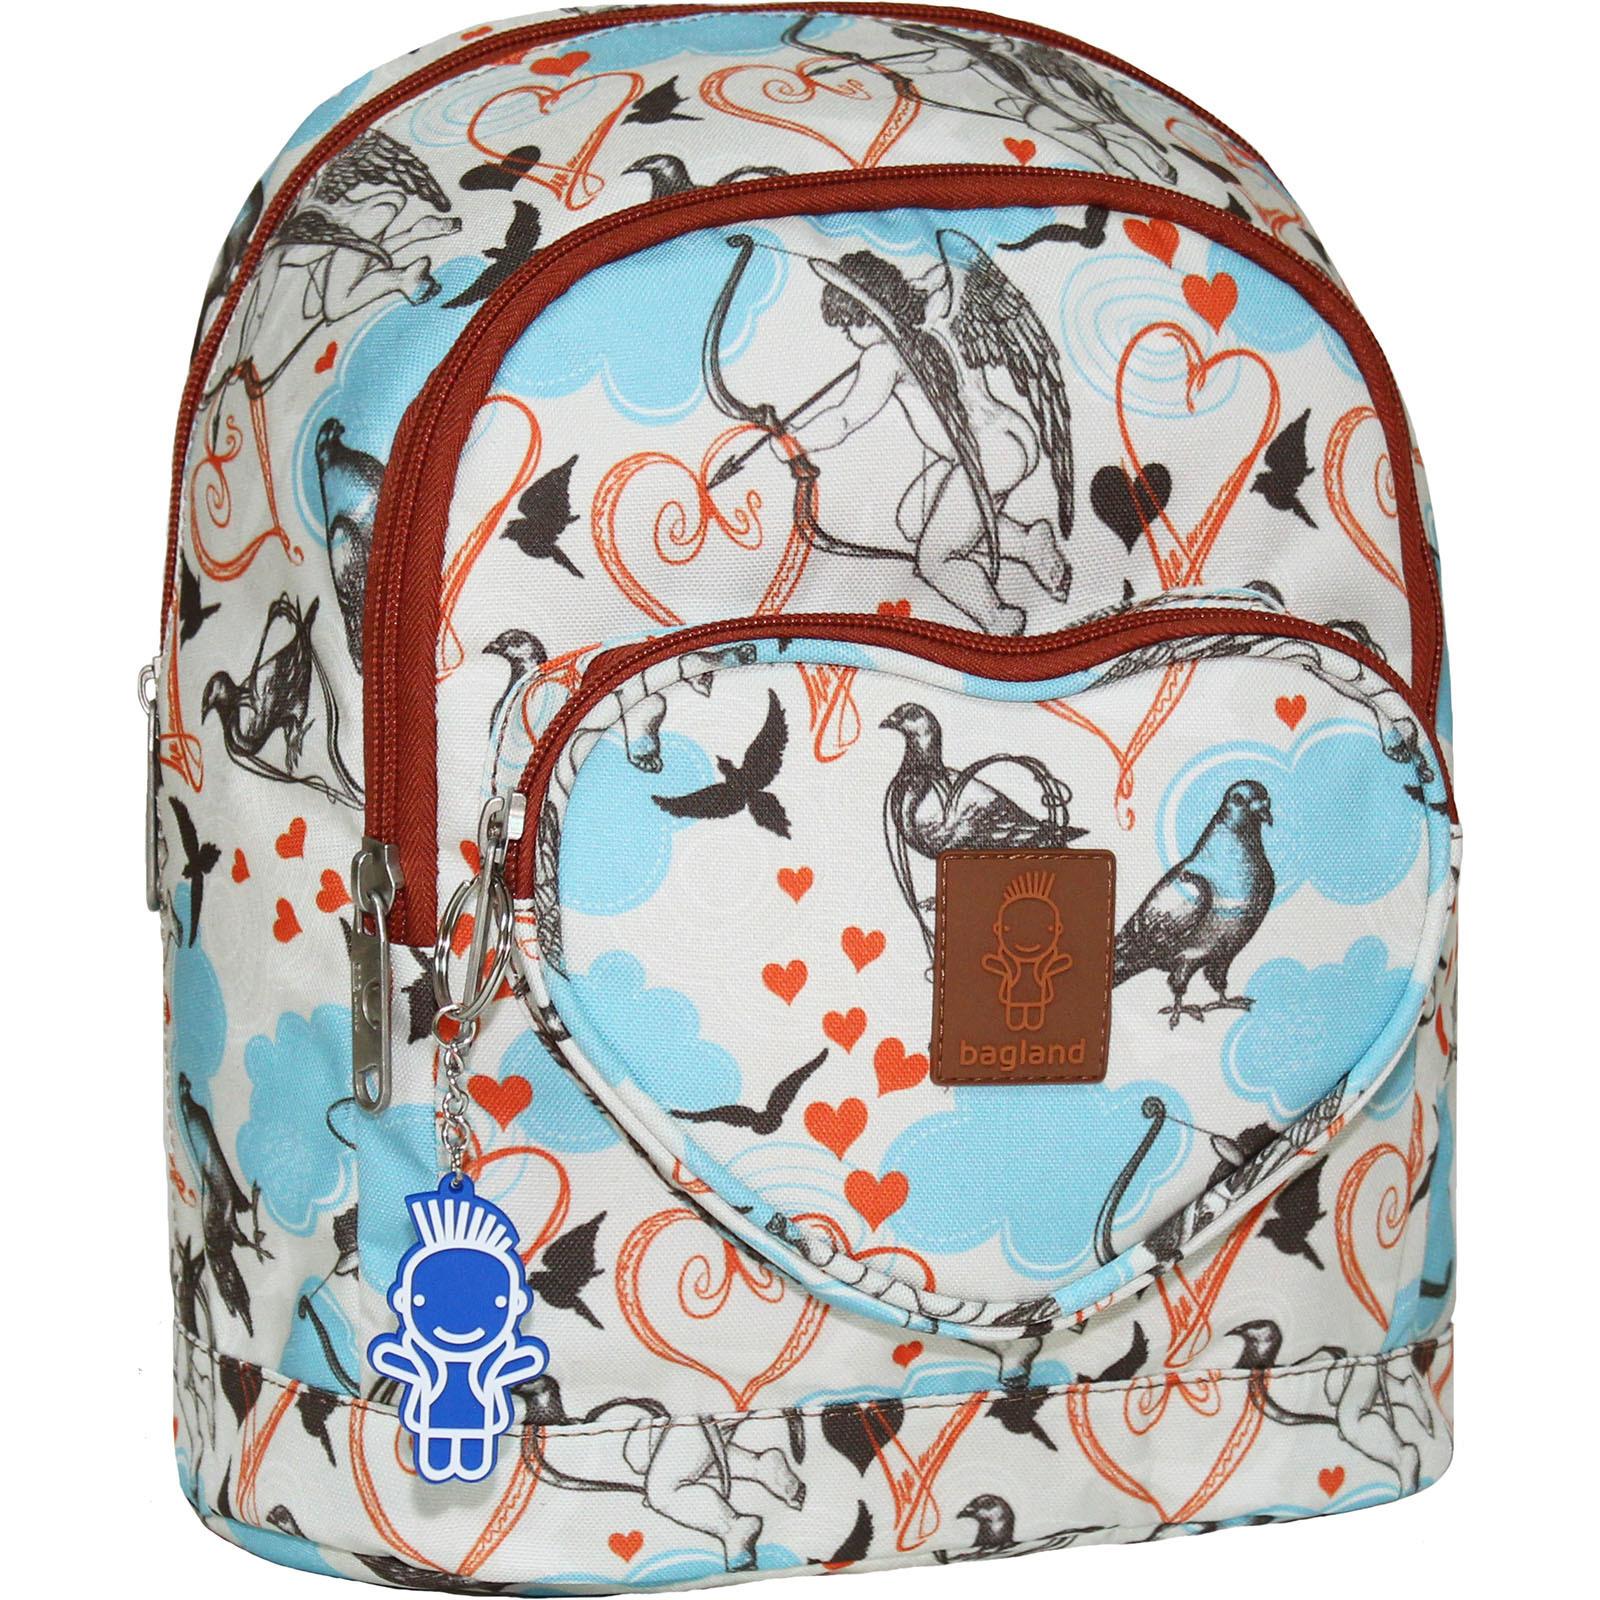 Женские рюкзаки Рюкзак Bagland Heart 9 л. сублимация 88 (00163664) IMG_2700.JPG